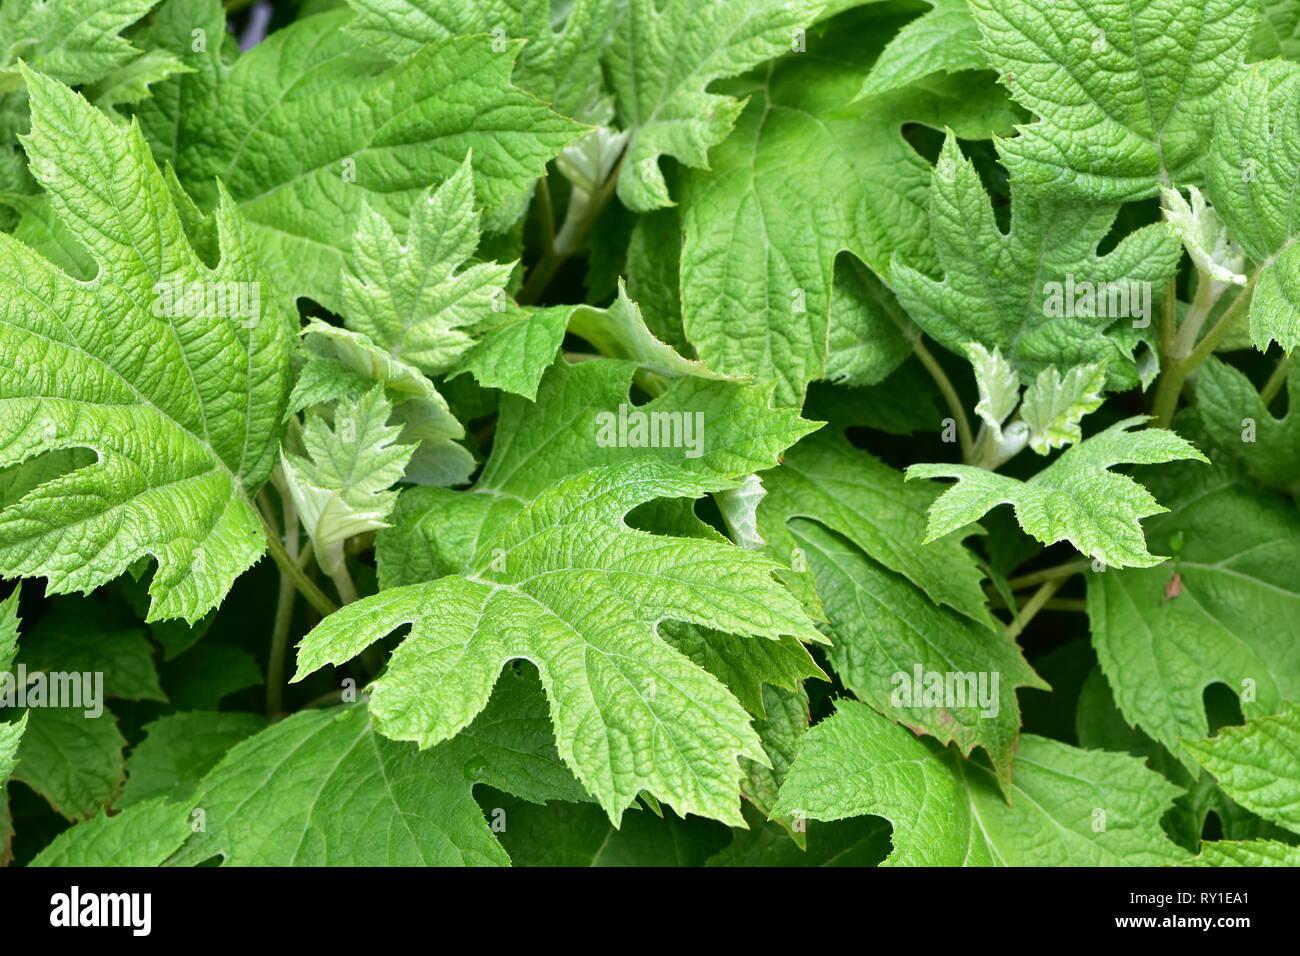 Motif feuilles denses avec la structure de surface et simple nervation palmée avec brochidodromous « seconde vue des veines. Photo Stock